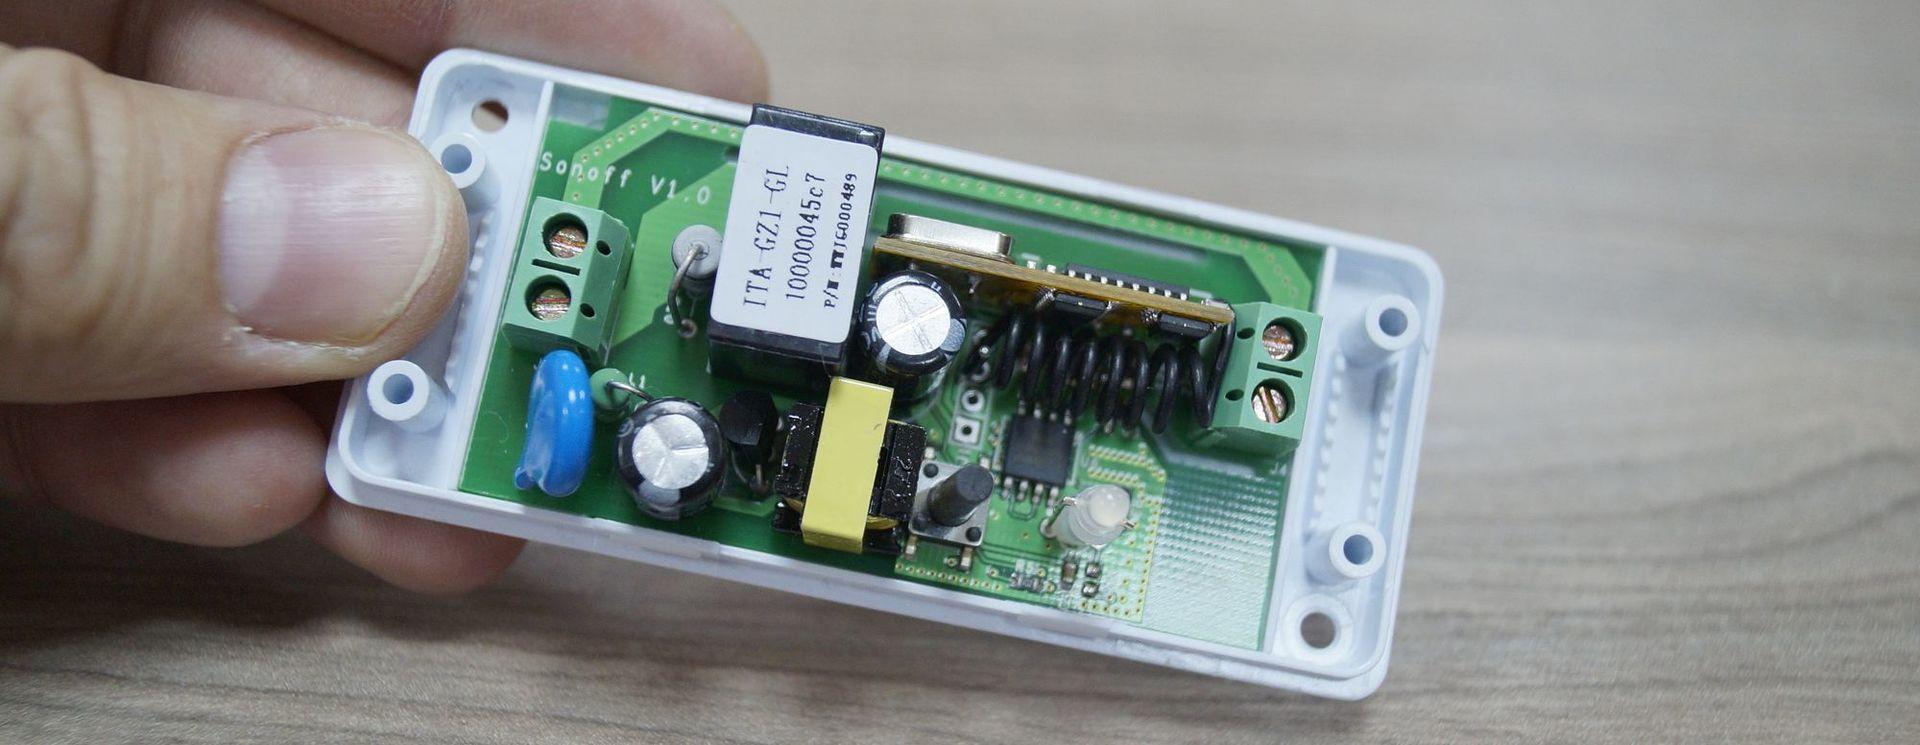 Умная дача #1. Модули Sonoff от ITEAD - 9